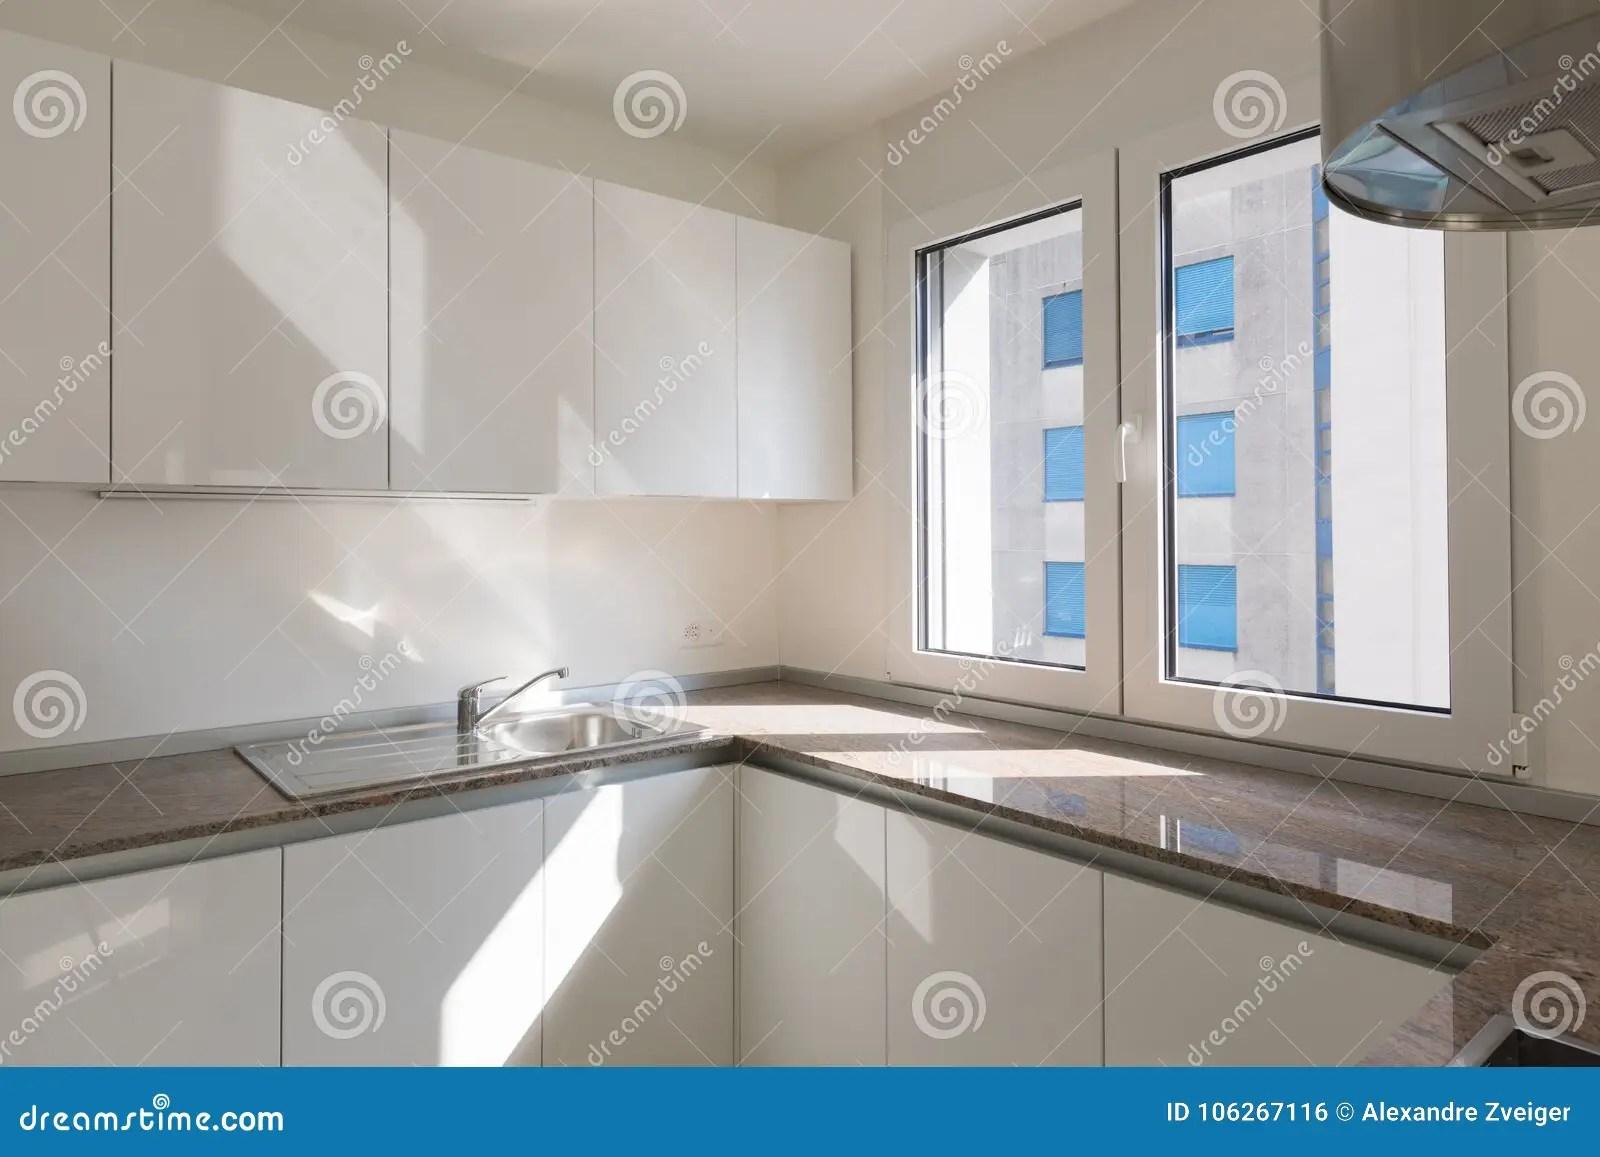 kitchen corner sinks best flooring for a 新的现代厨房角落细节库存照片 图片包括有拱道 最低纲领派 敞篷 详细 新的现代厨房角落细节